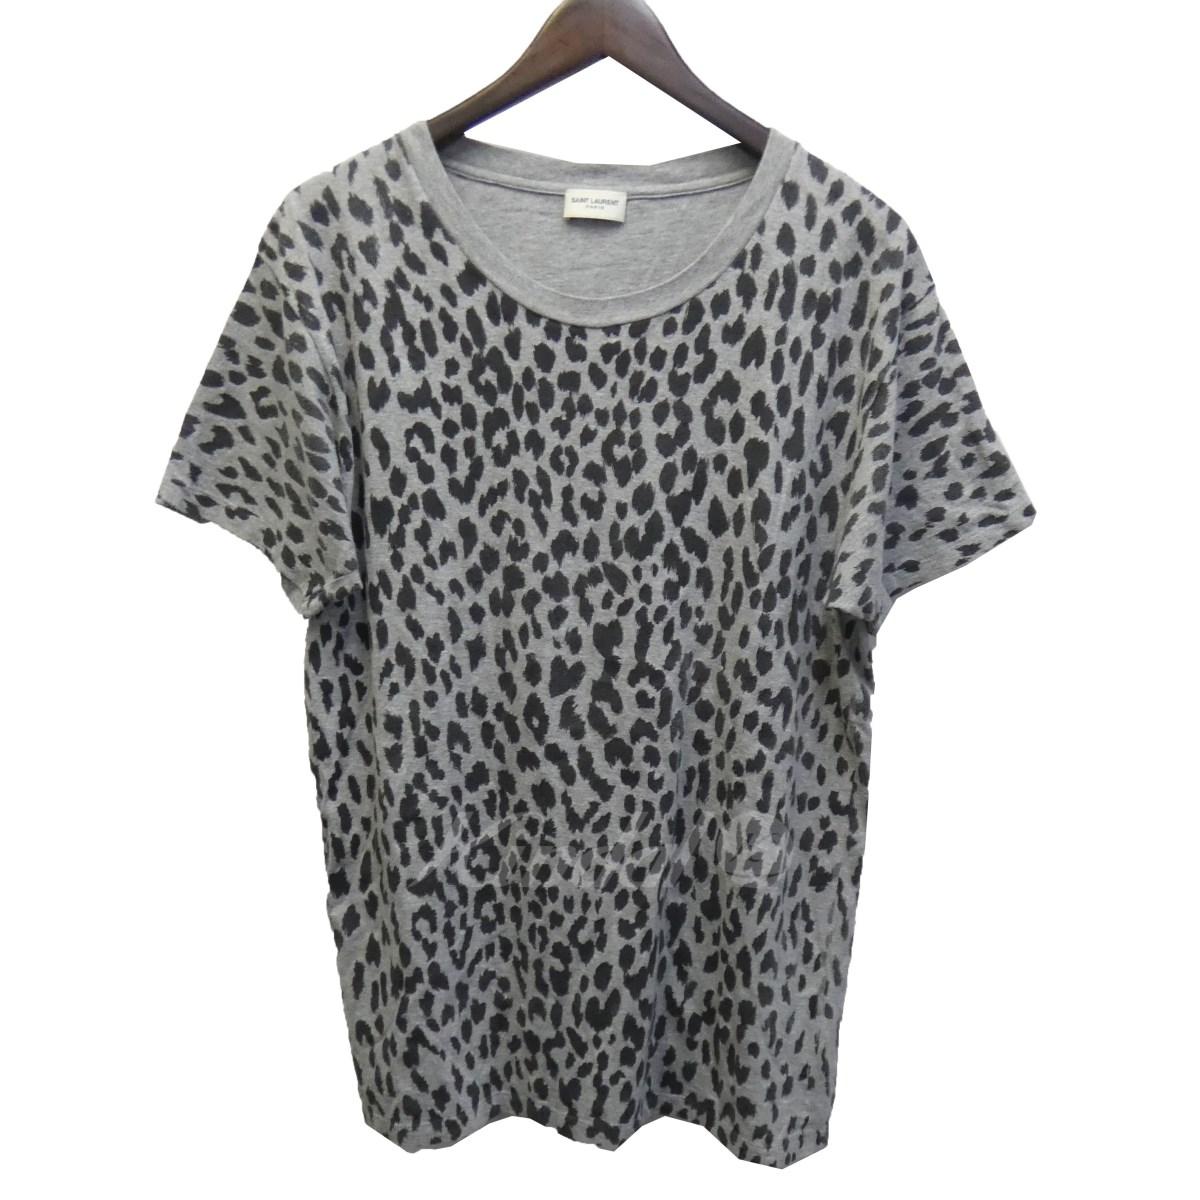 【中古】SAINT LAURENT PARIS 14SS ベイビーキャットTシャツ 343388 グレー サイズ:L 【110519】(サンローランパリ)